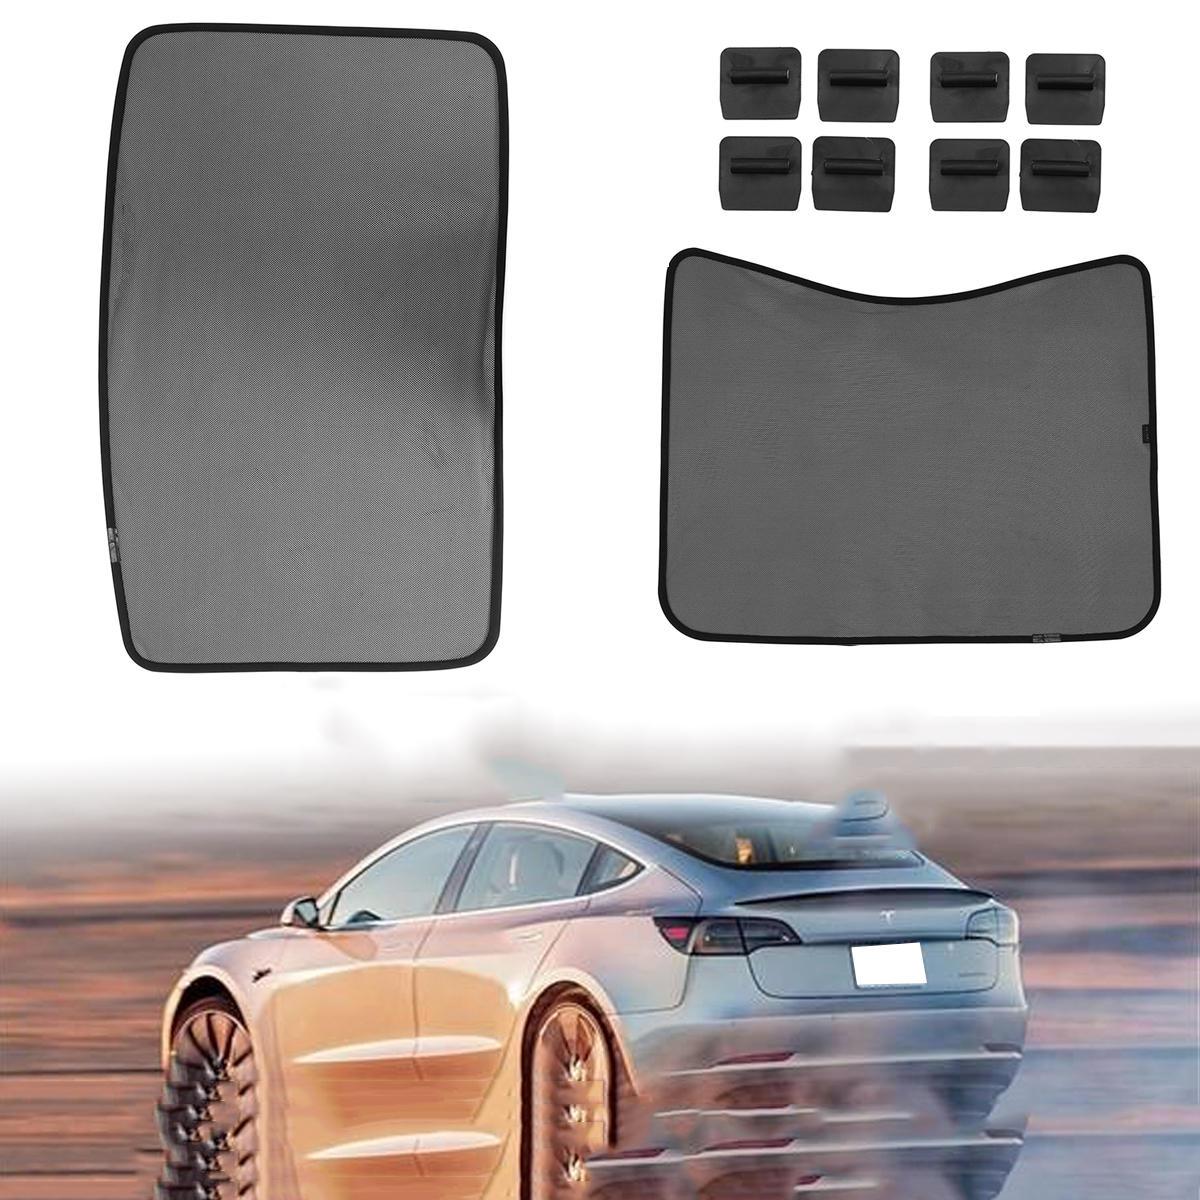 टेस्ला मॉडल 3 स्काईलाइट स्क्रीन शेड कर्टेन के लिए मेश रूफ कार विंडो सनशेड शील्ड कवर